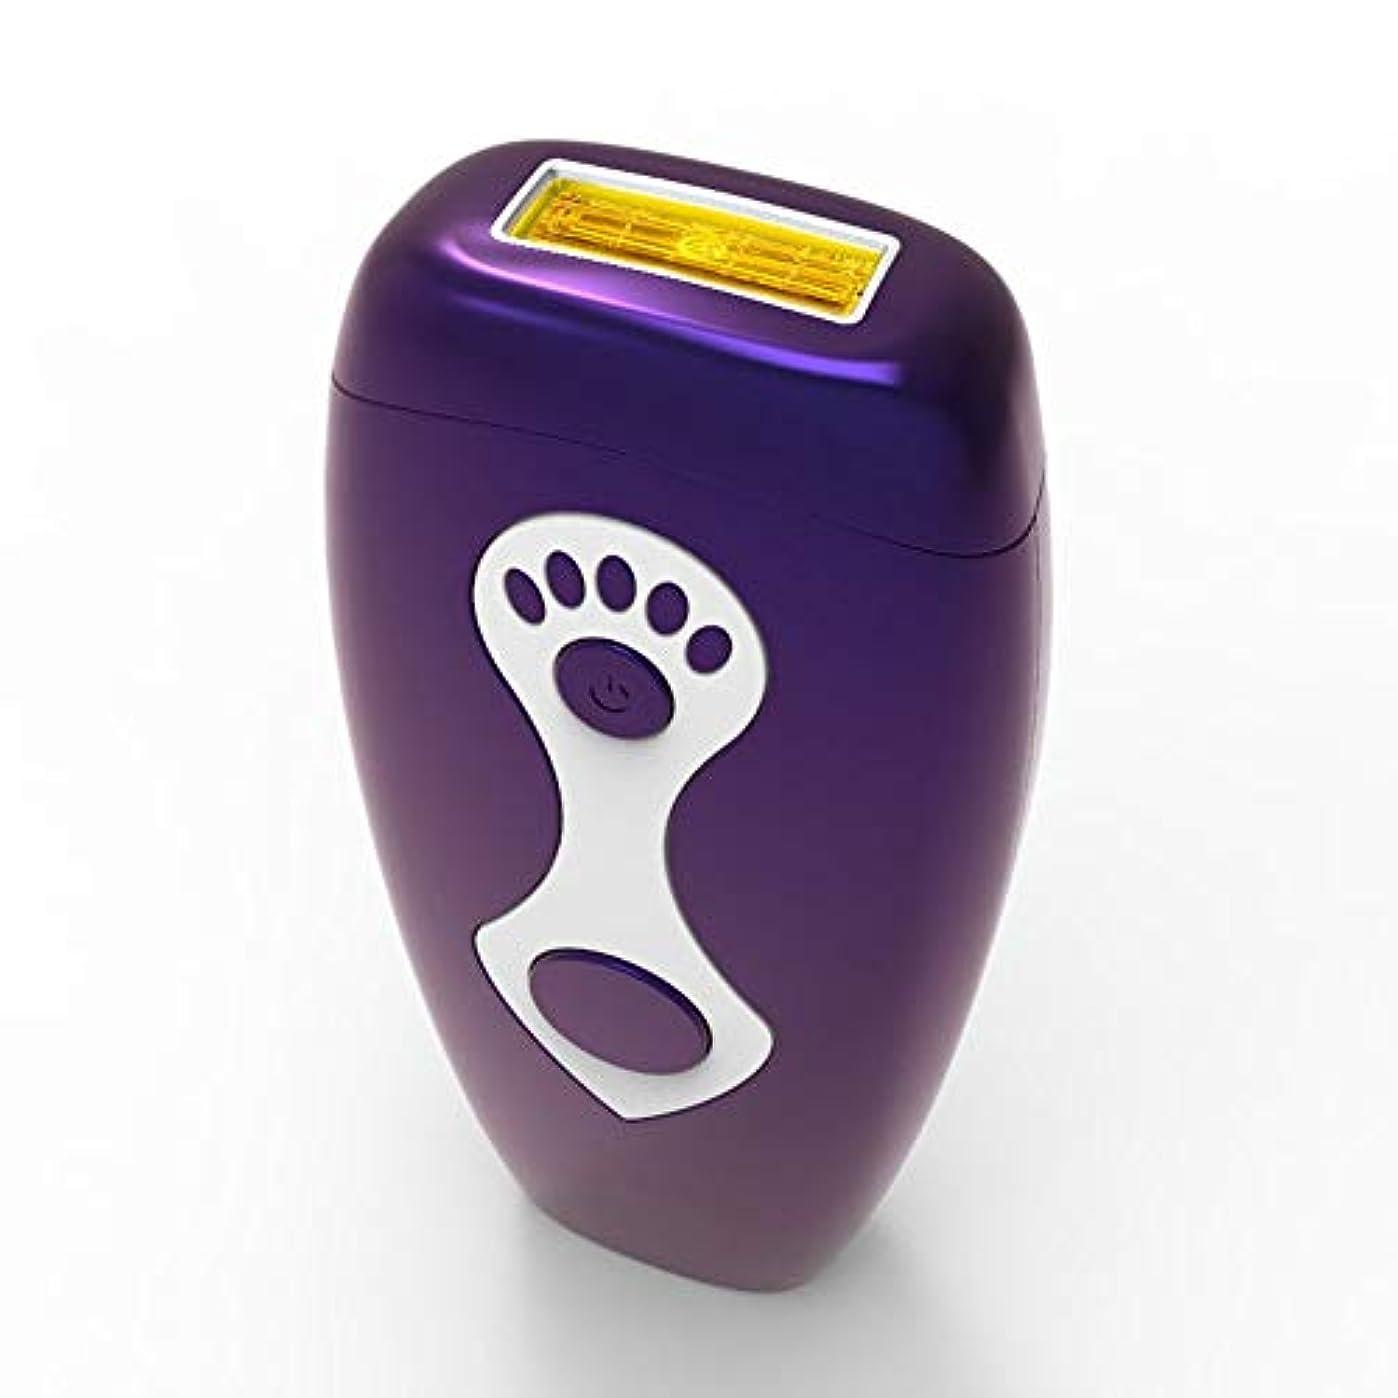 スカート電話に出るどっちでもパーマネント脱毛、家庭用ニュートラルヘアリムーバー、柔らかい肌、マルチ運動エネルギー、安全性、グレード5無料調整、サイズ7.5×16.5 Cm 髪以外はきれい (Color : Purple)